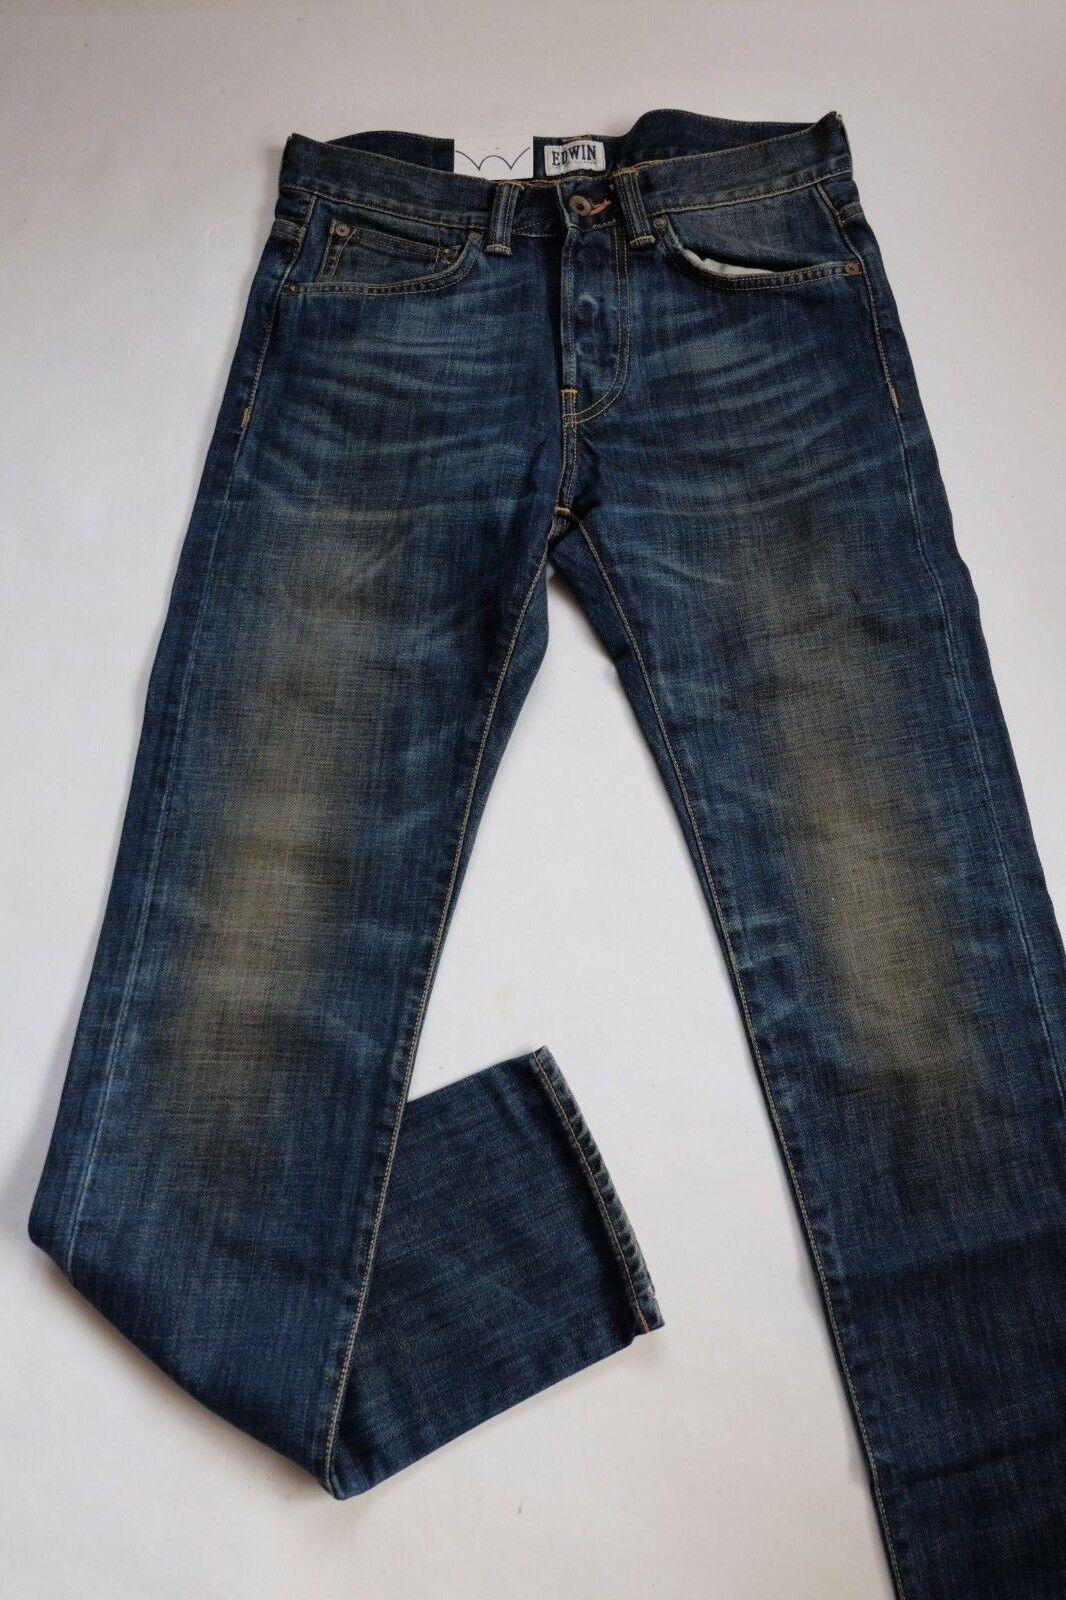 JEANS EDWIN ED 80 SLIM TAPERED (dark bluee-blueerise used) W29 L32 (i004539 258)